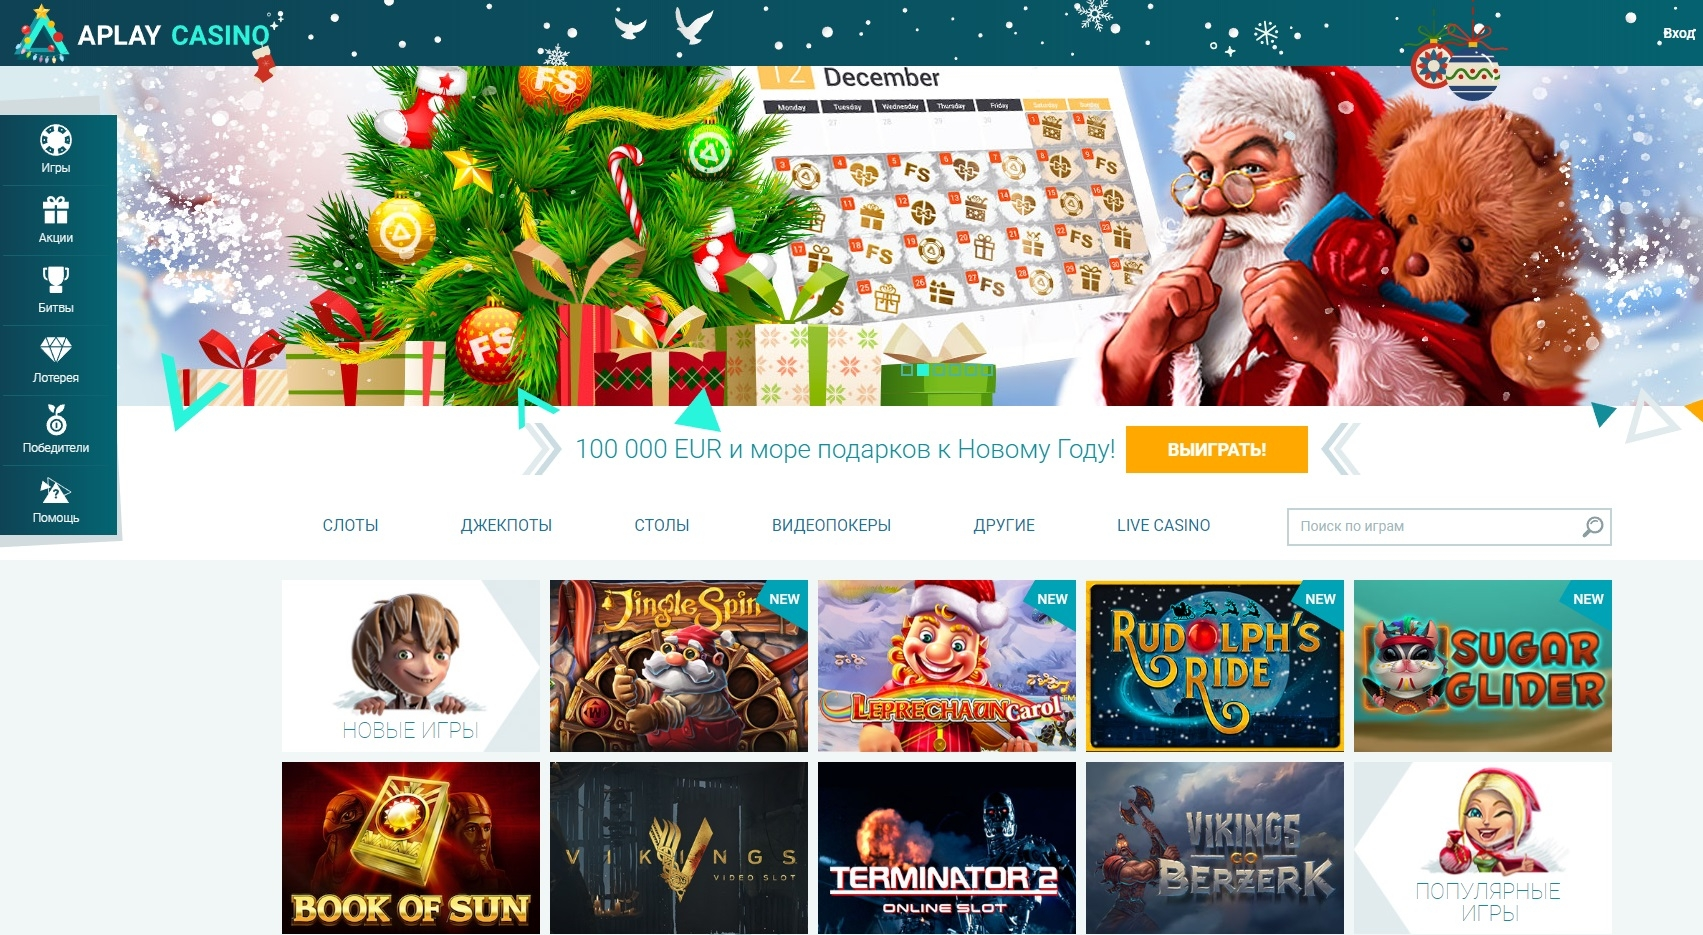 официальный сайт aplay казино официальный сайт вход